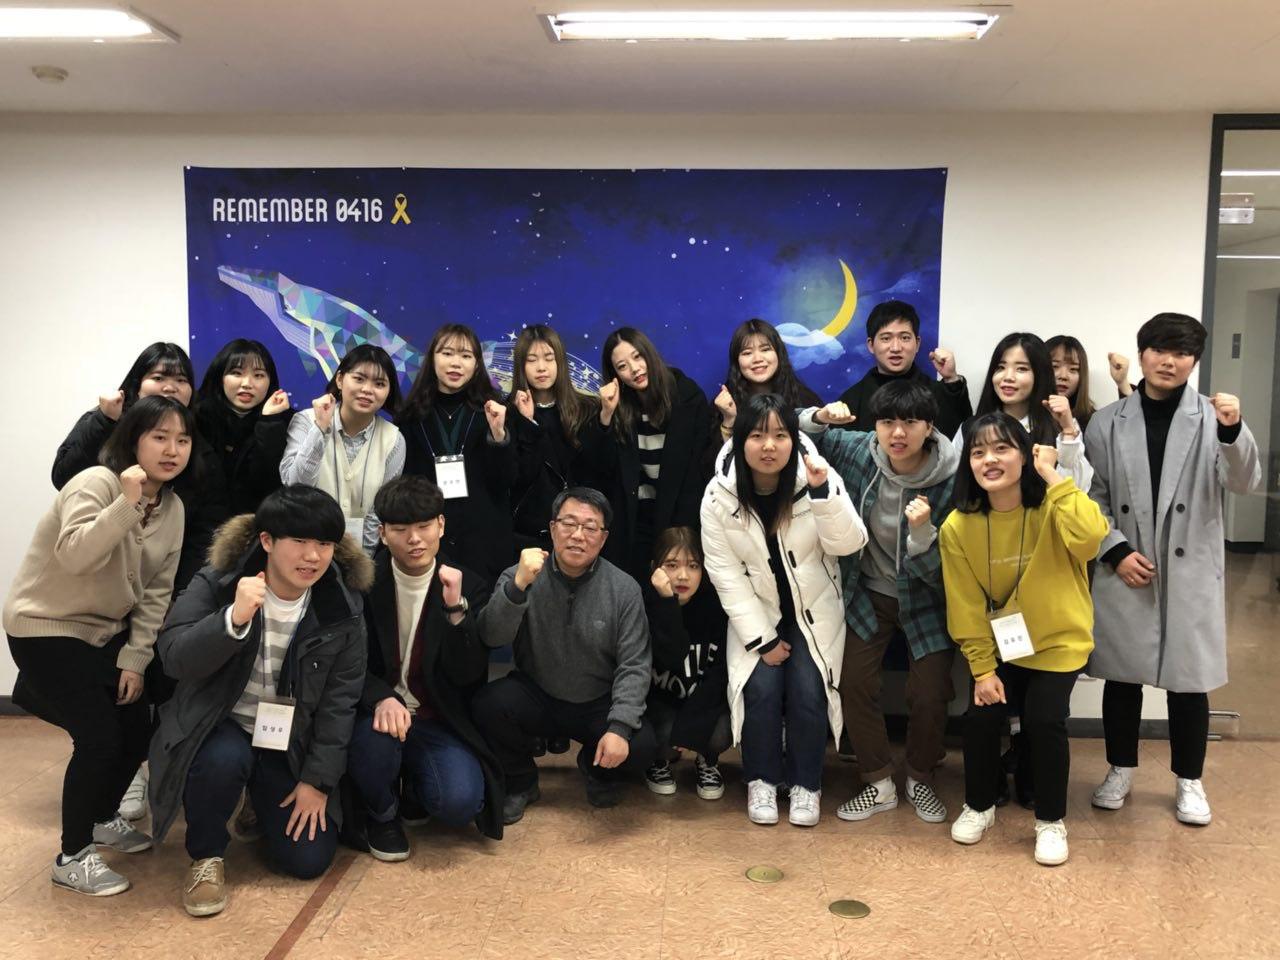 대학생 세월호 참사 기억비 프로젝트의 첫걸음 1차모집으로 모인 팀원들과 예은아빠 유경근 집행위원장님 그리고 김유진 운영팀장님과의 출발을 기념하는 사진